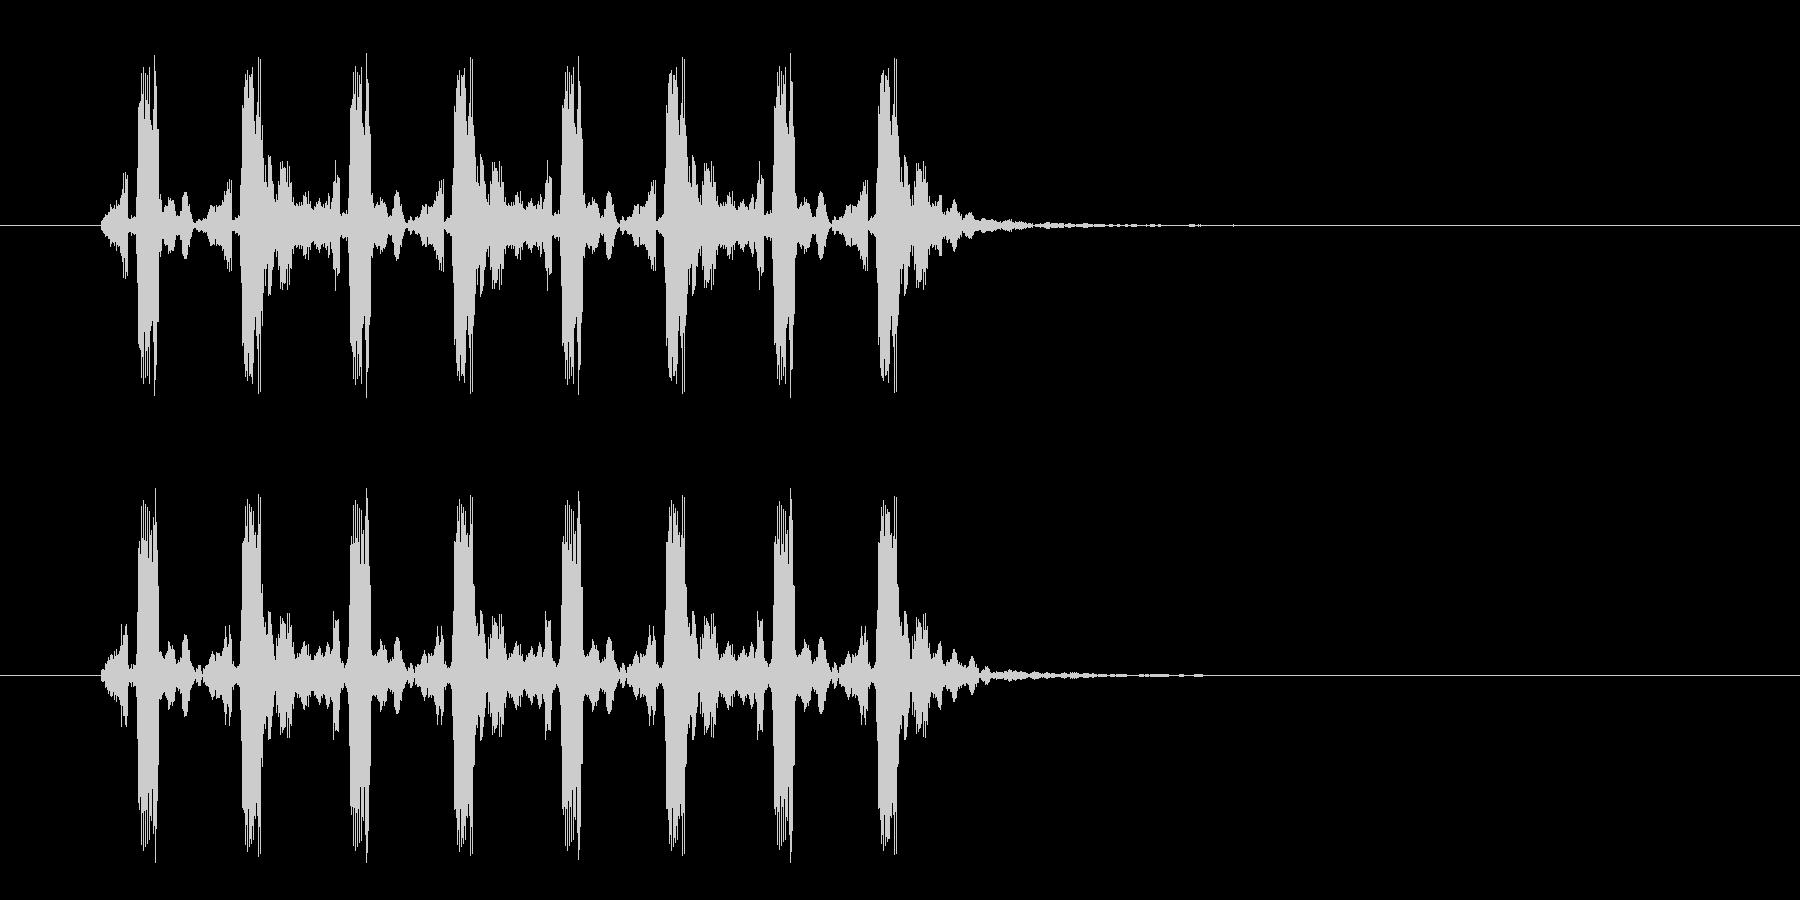 疾走感のあるミステリアスな音楽の未再生の波形